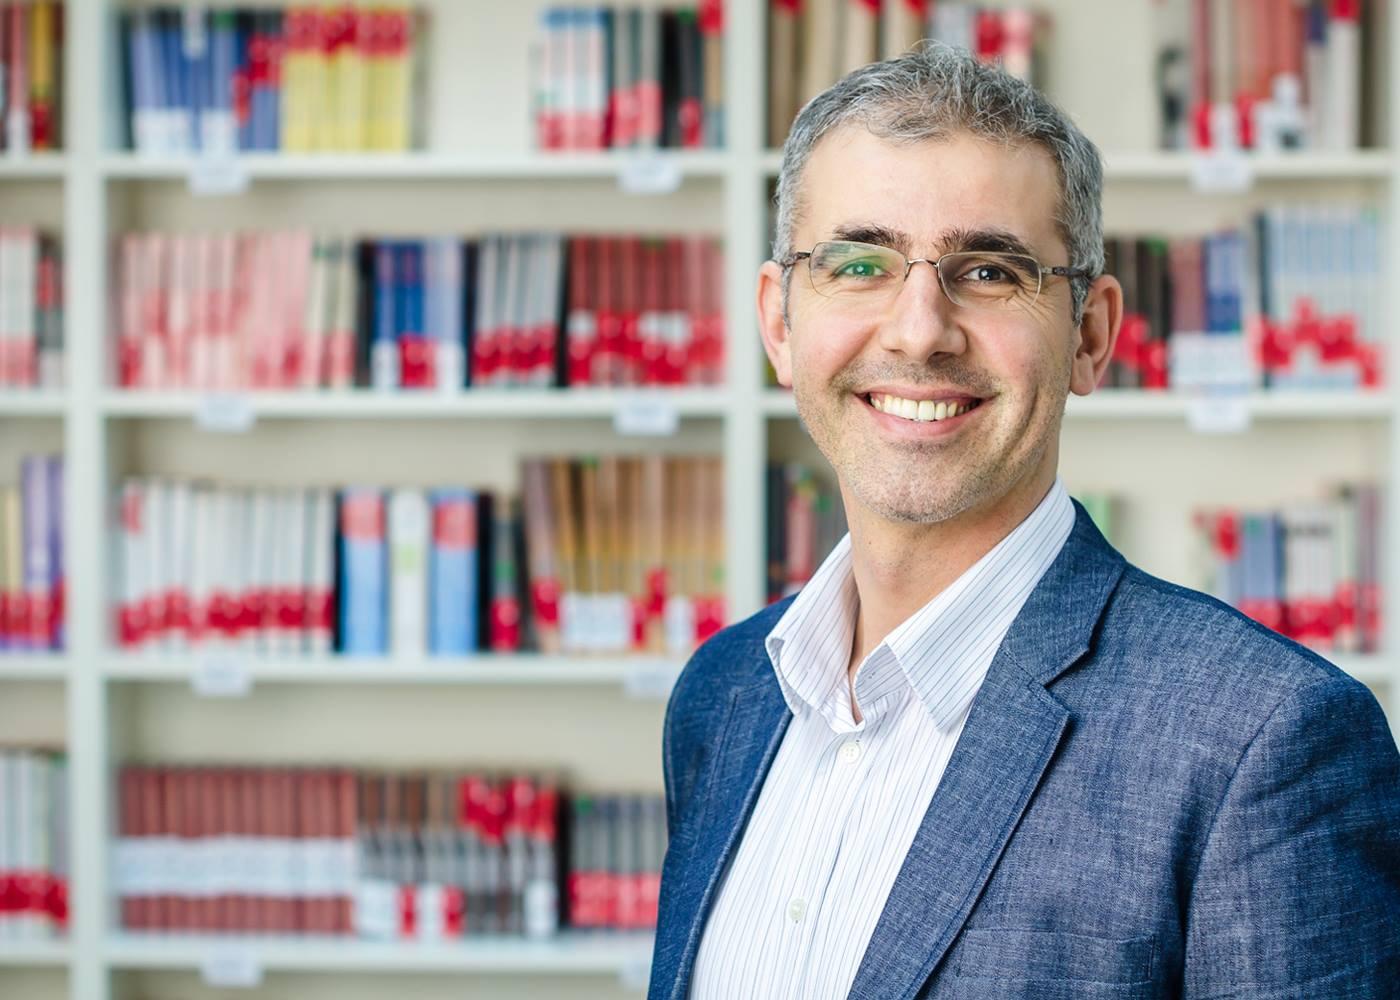 Conversație cu Bogdan Georgescu: A fi sau a nu fi berbec?